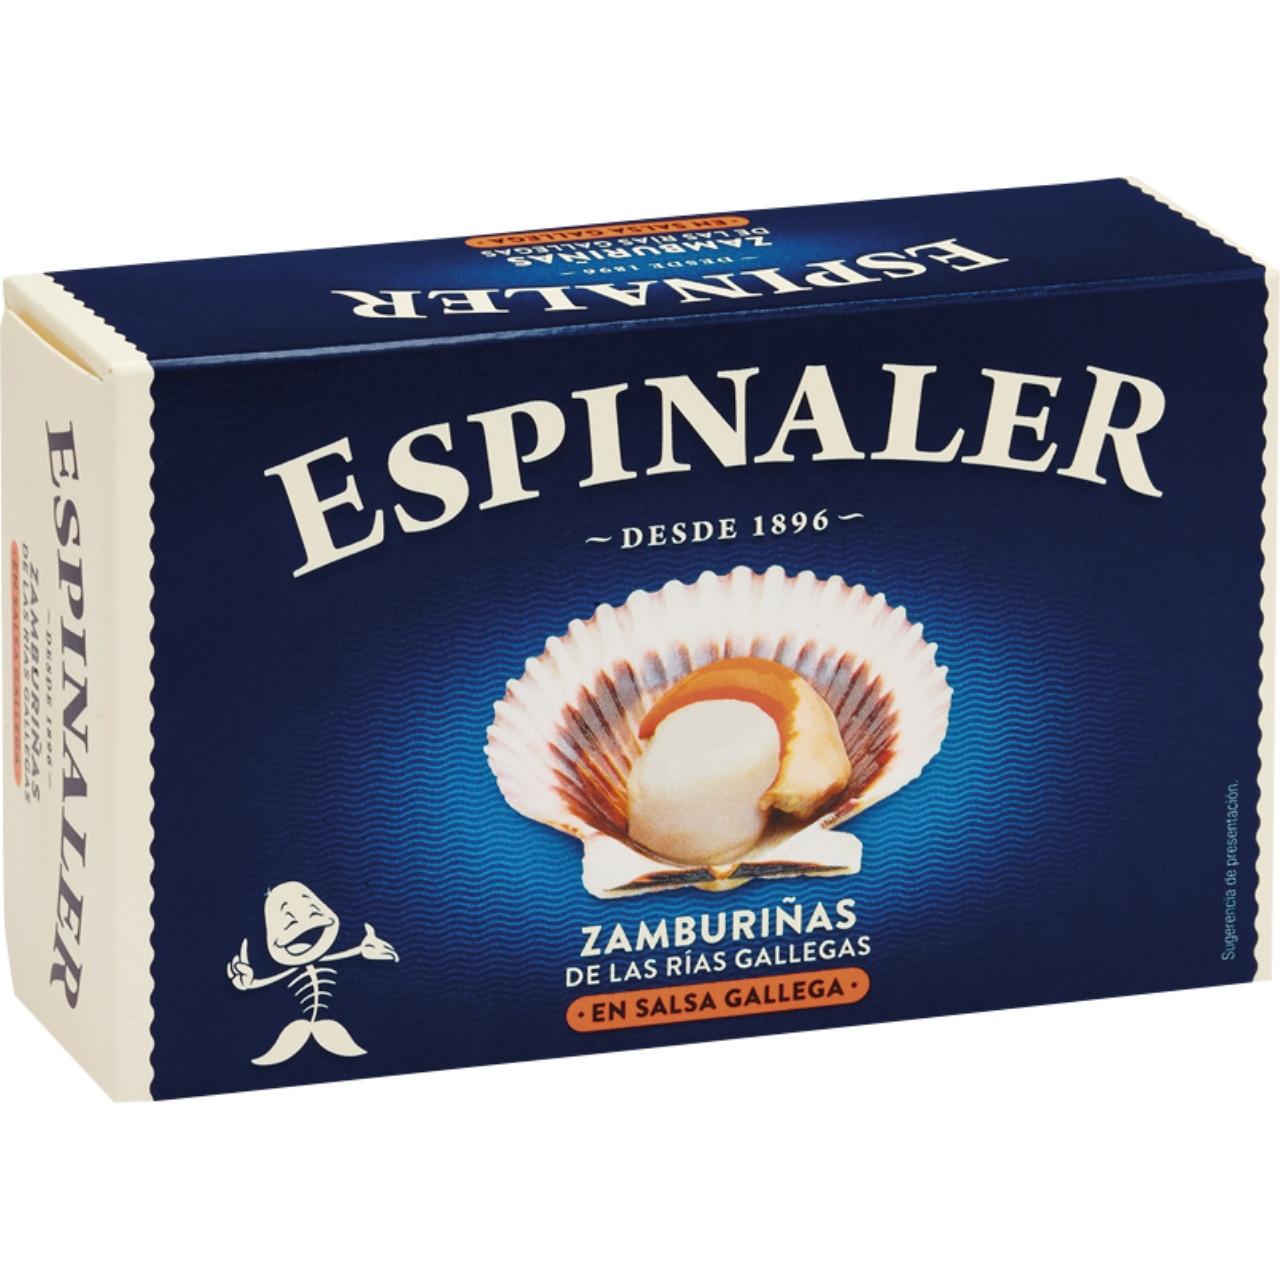 Espinaler-zamburiñas en salsa gallega ol120 10/12